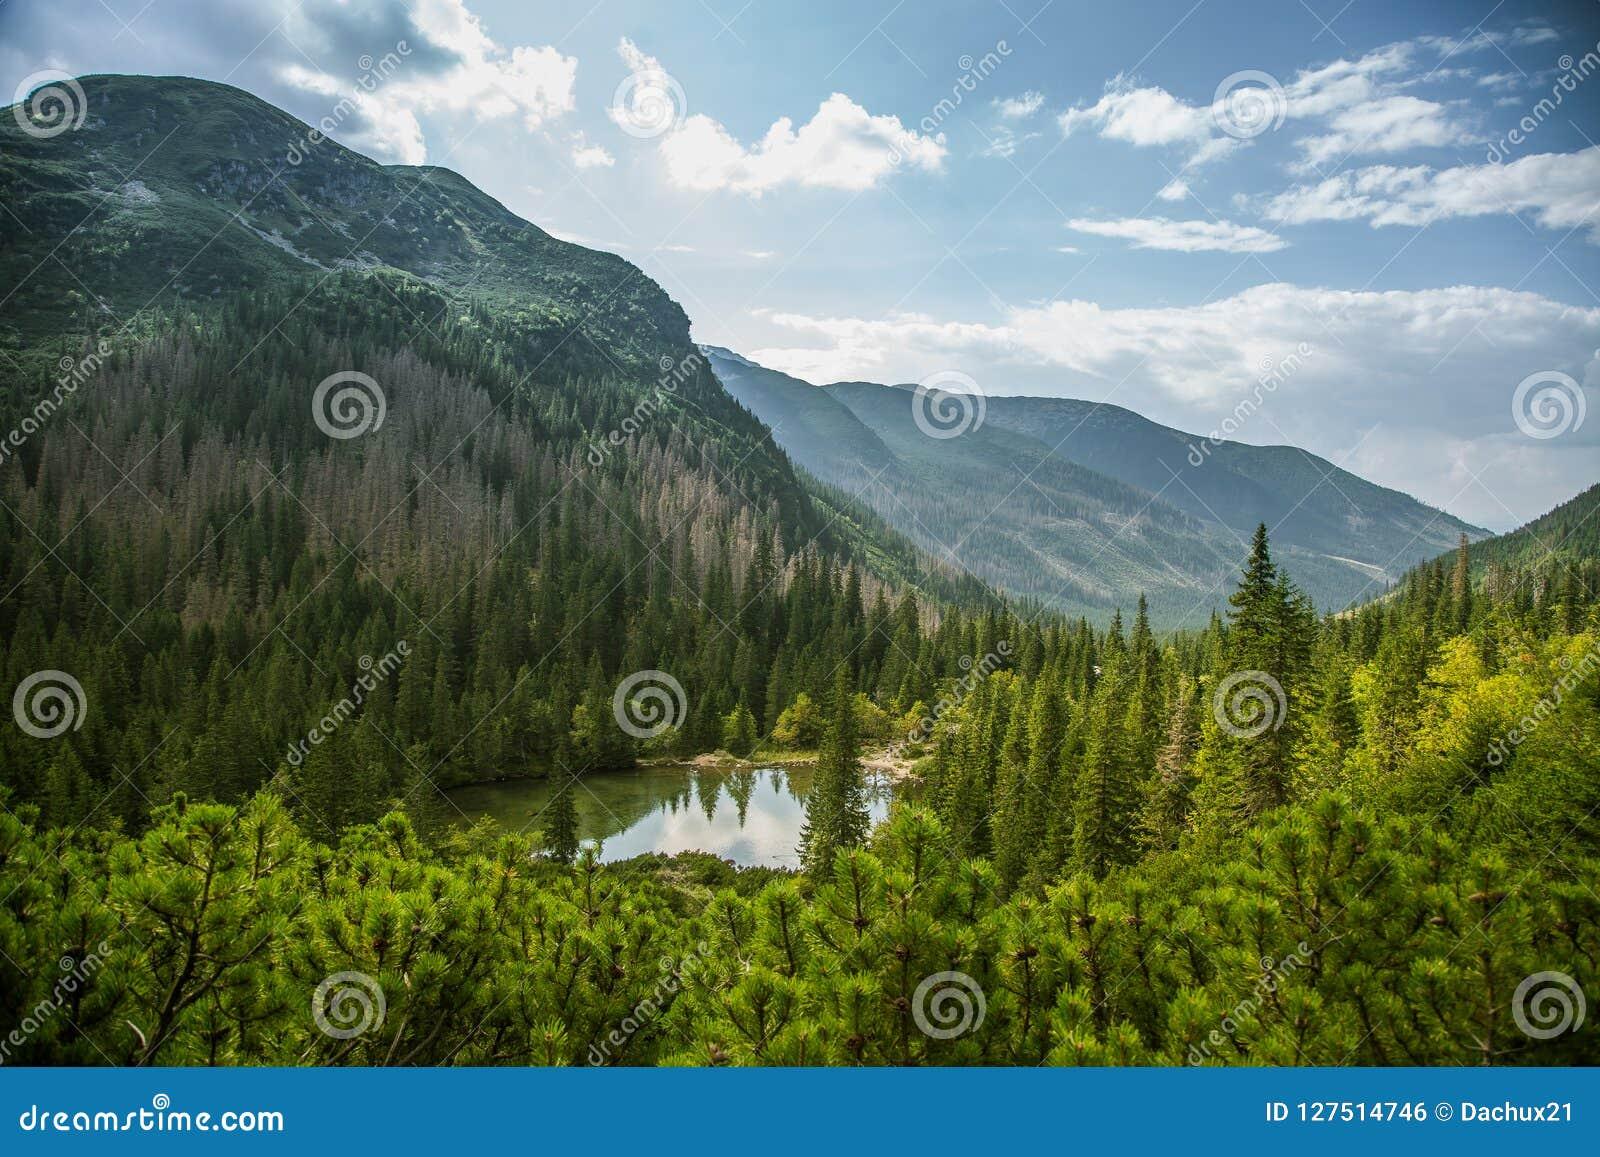 Μια όμορφη, καθαρή λίμνη στην κοιλάδα βουνών στην ήρεμη, ηλιόλουστη ημέρα Τοπίο βουνών με το νερό το καλοκαίρι